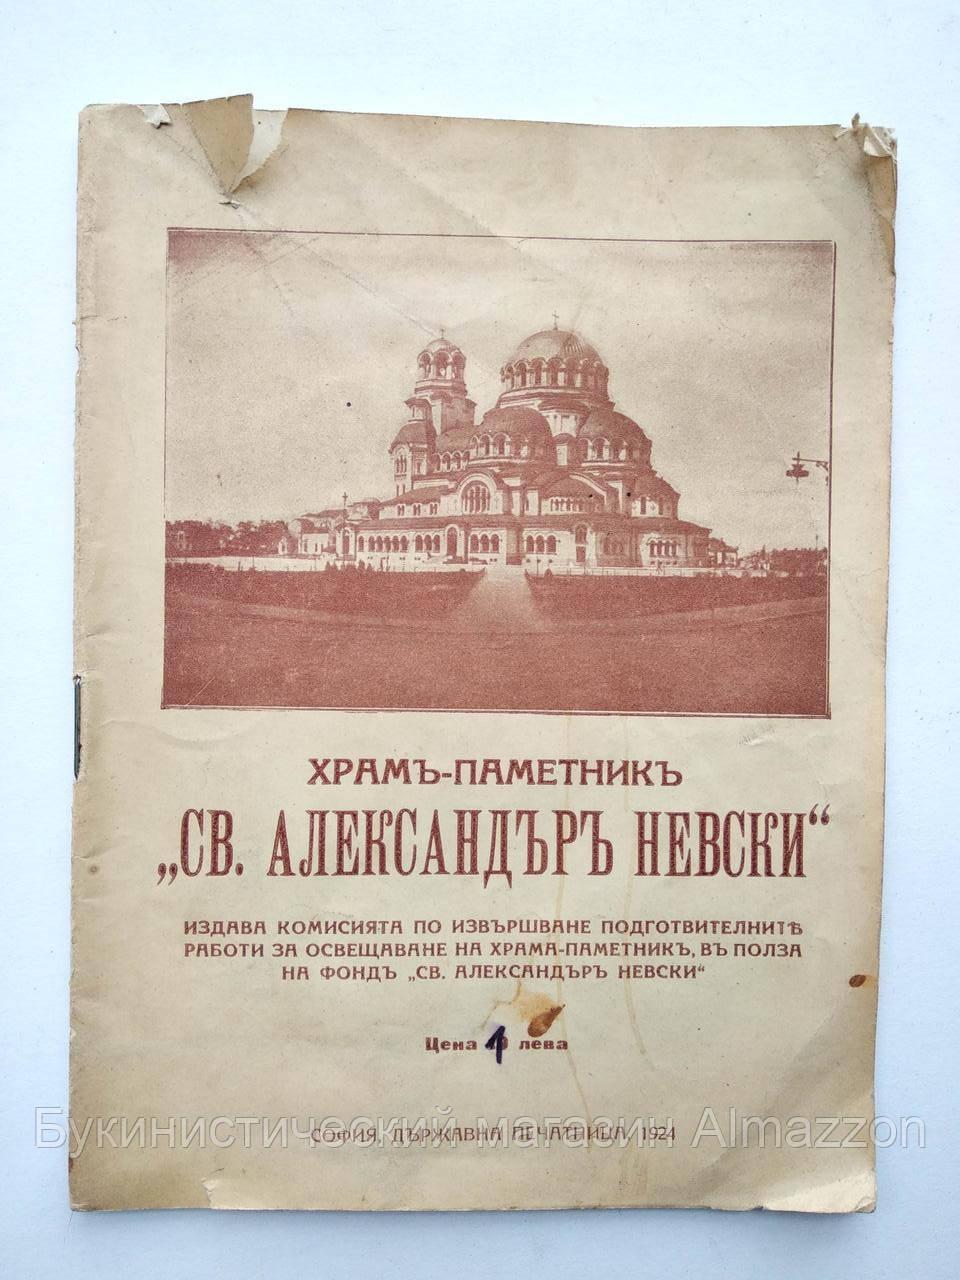 1924 Храм-памятник Святой Александр Невский Болгары София Болгария